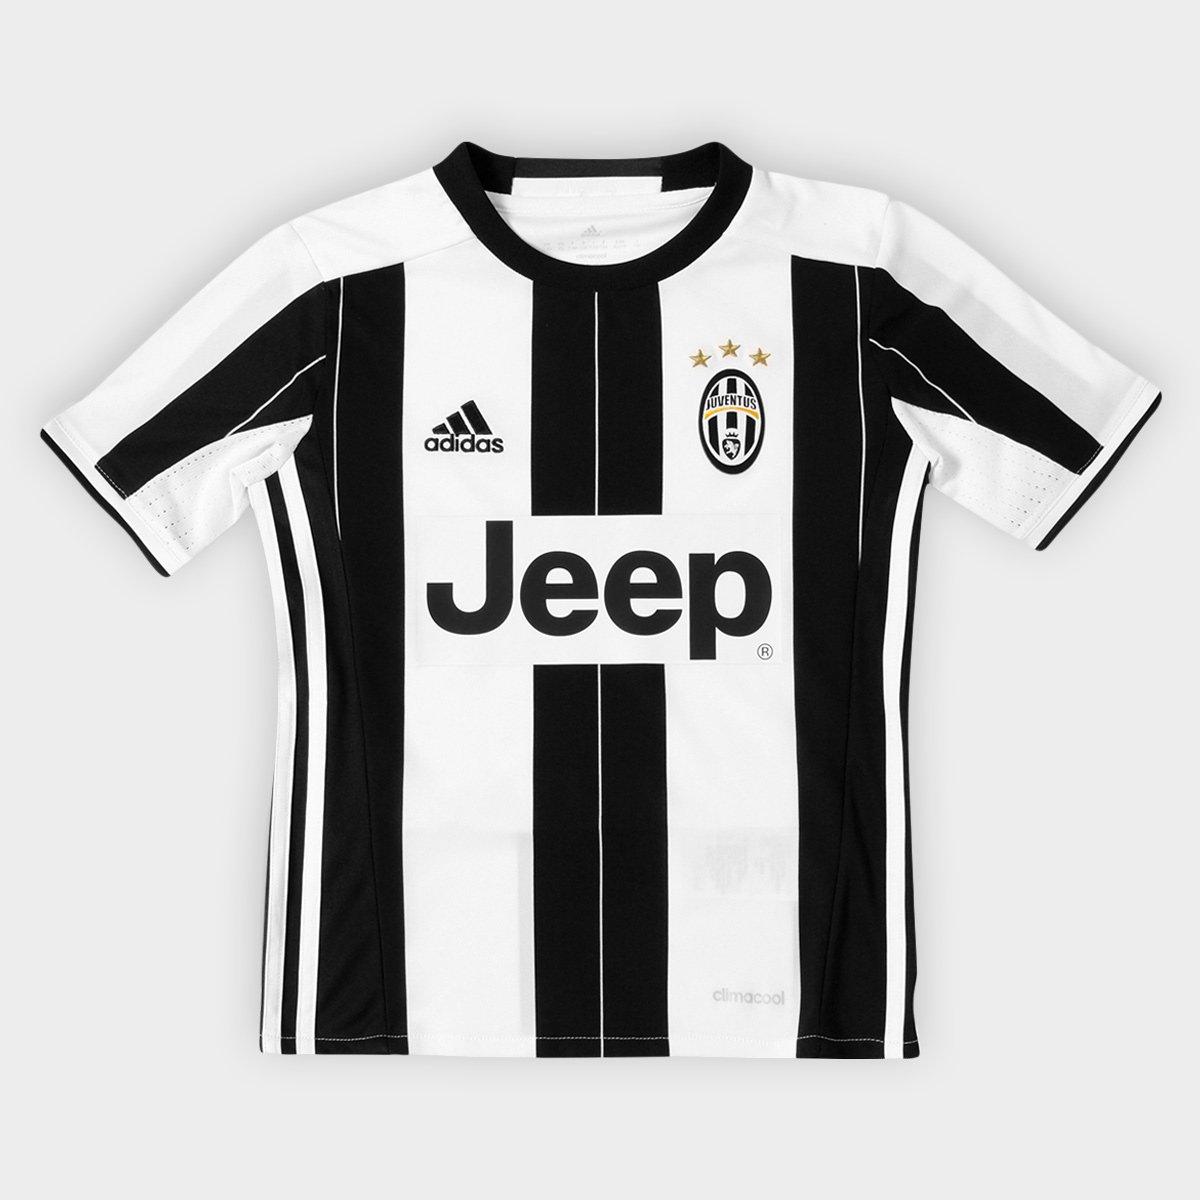 21df101ca0 Camisa Juventus Infantil Home 16 17 s nº - Torcedor Adidas